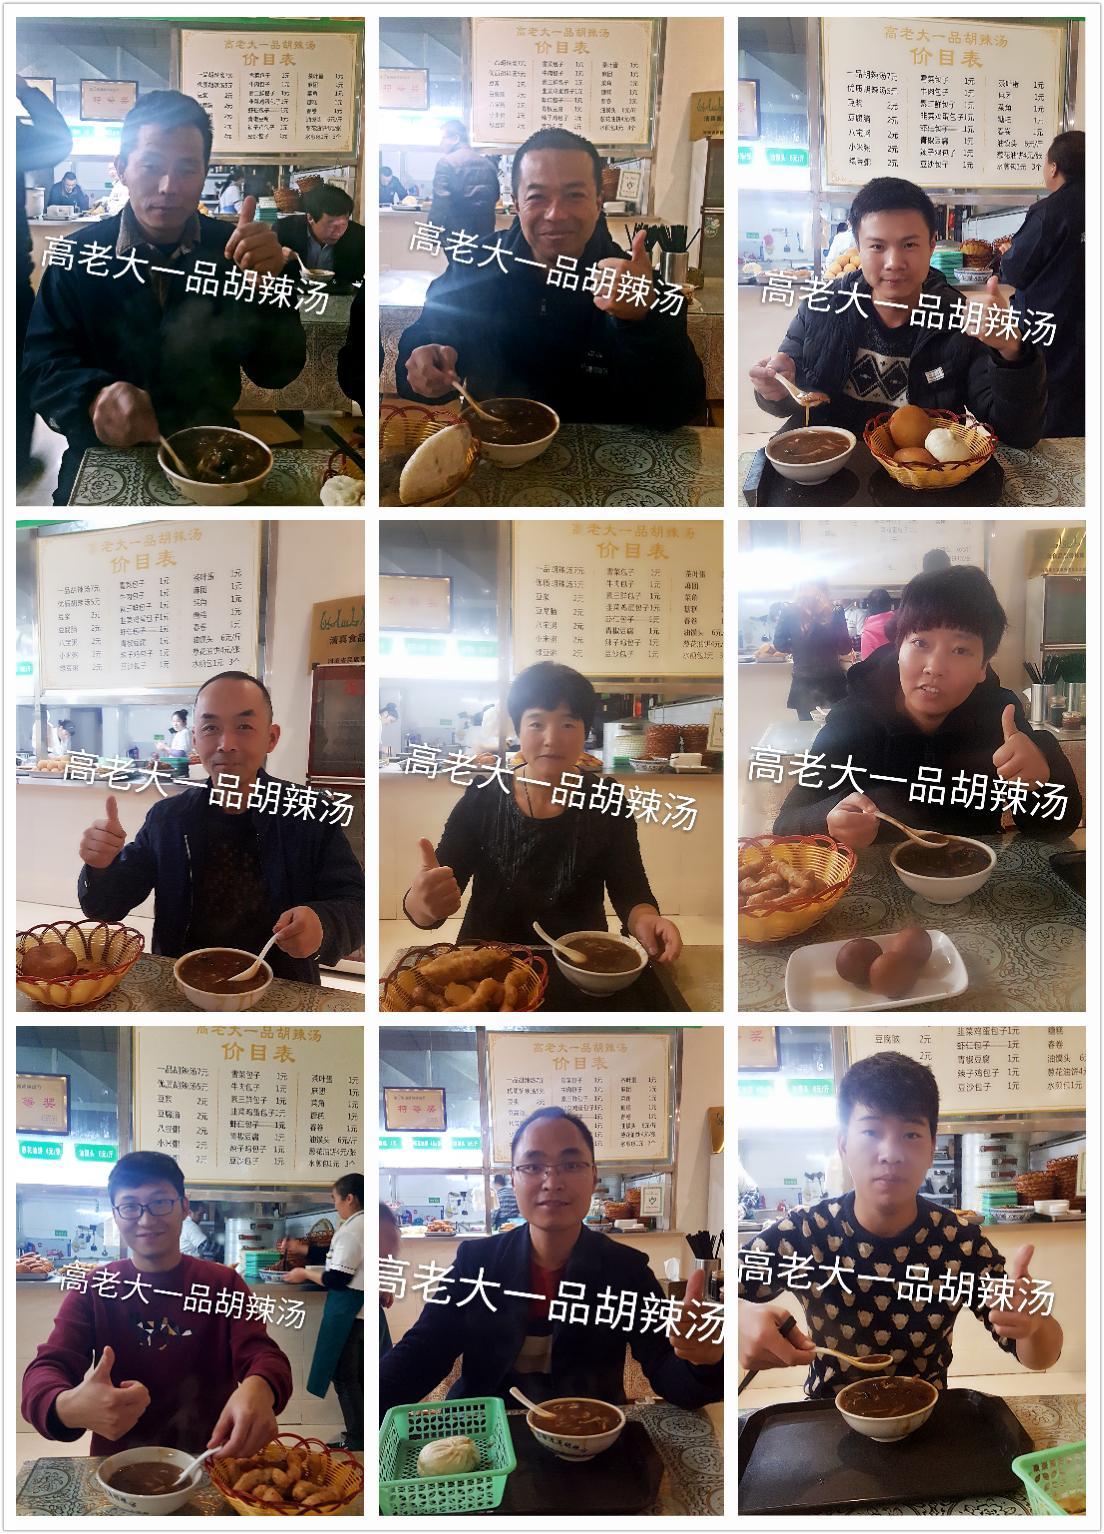 河南郑州西开发区早餐培训,河南郑州西开发区胡辣汤培训,河南郑州西开发区胡辣汤